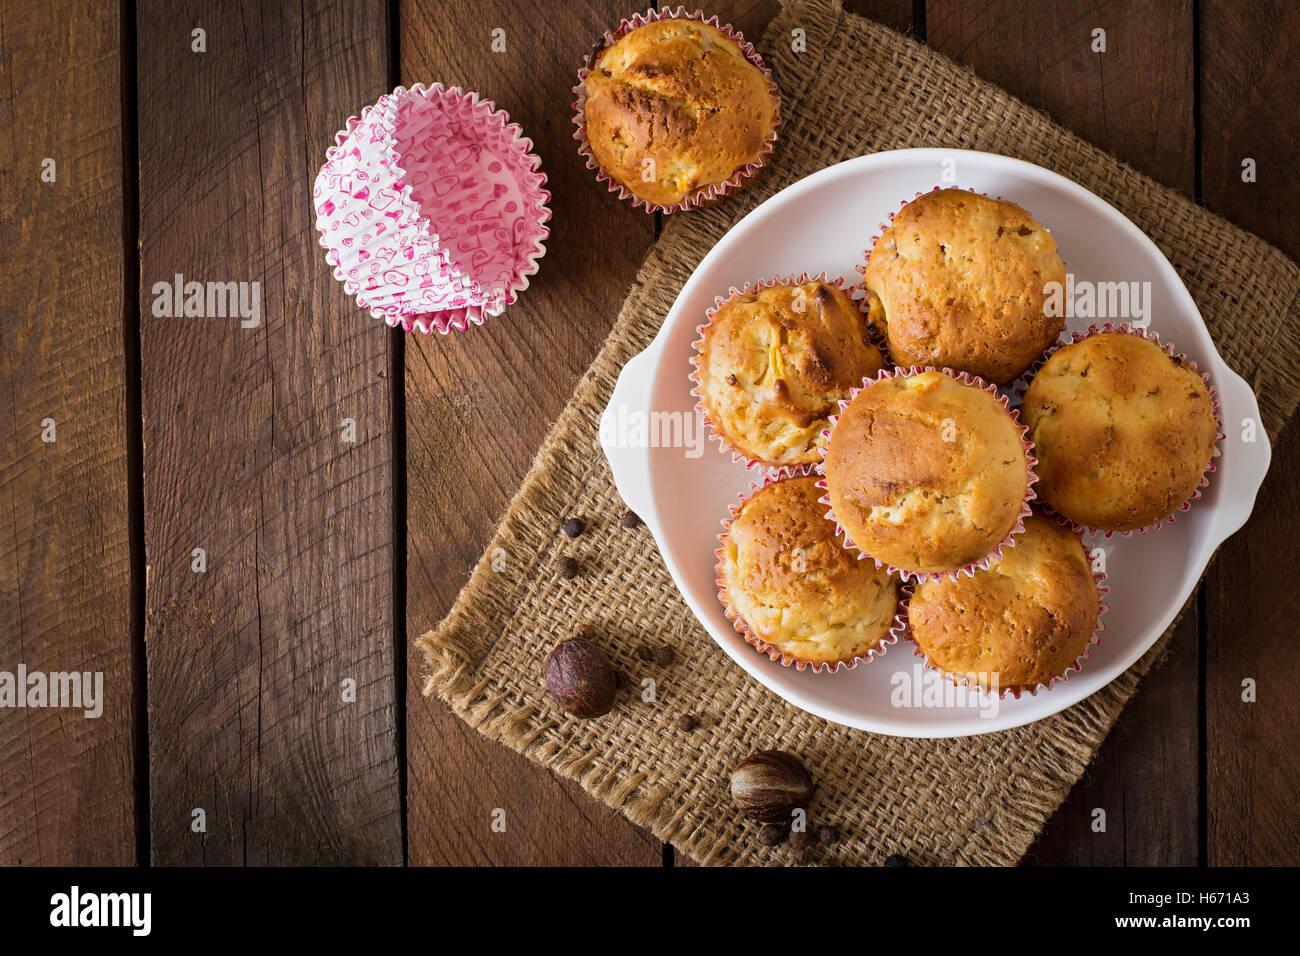 Obst-Muffins mit Muskatnuss und Piment auf einem hölzernen Hintergrund. Ansicht von oben Stockfoto